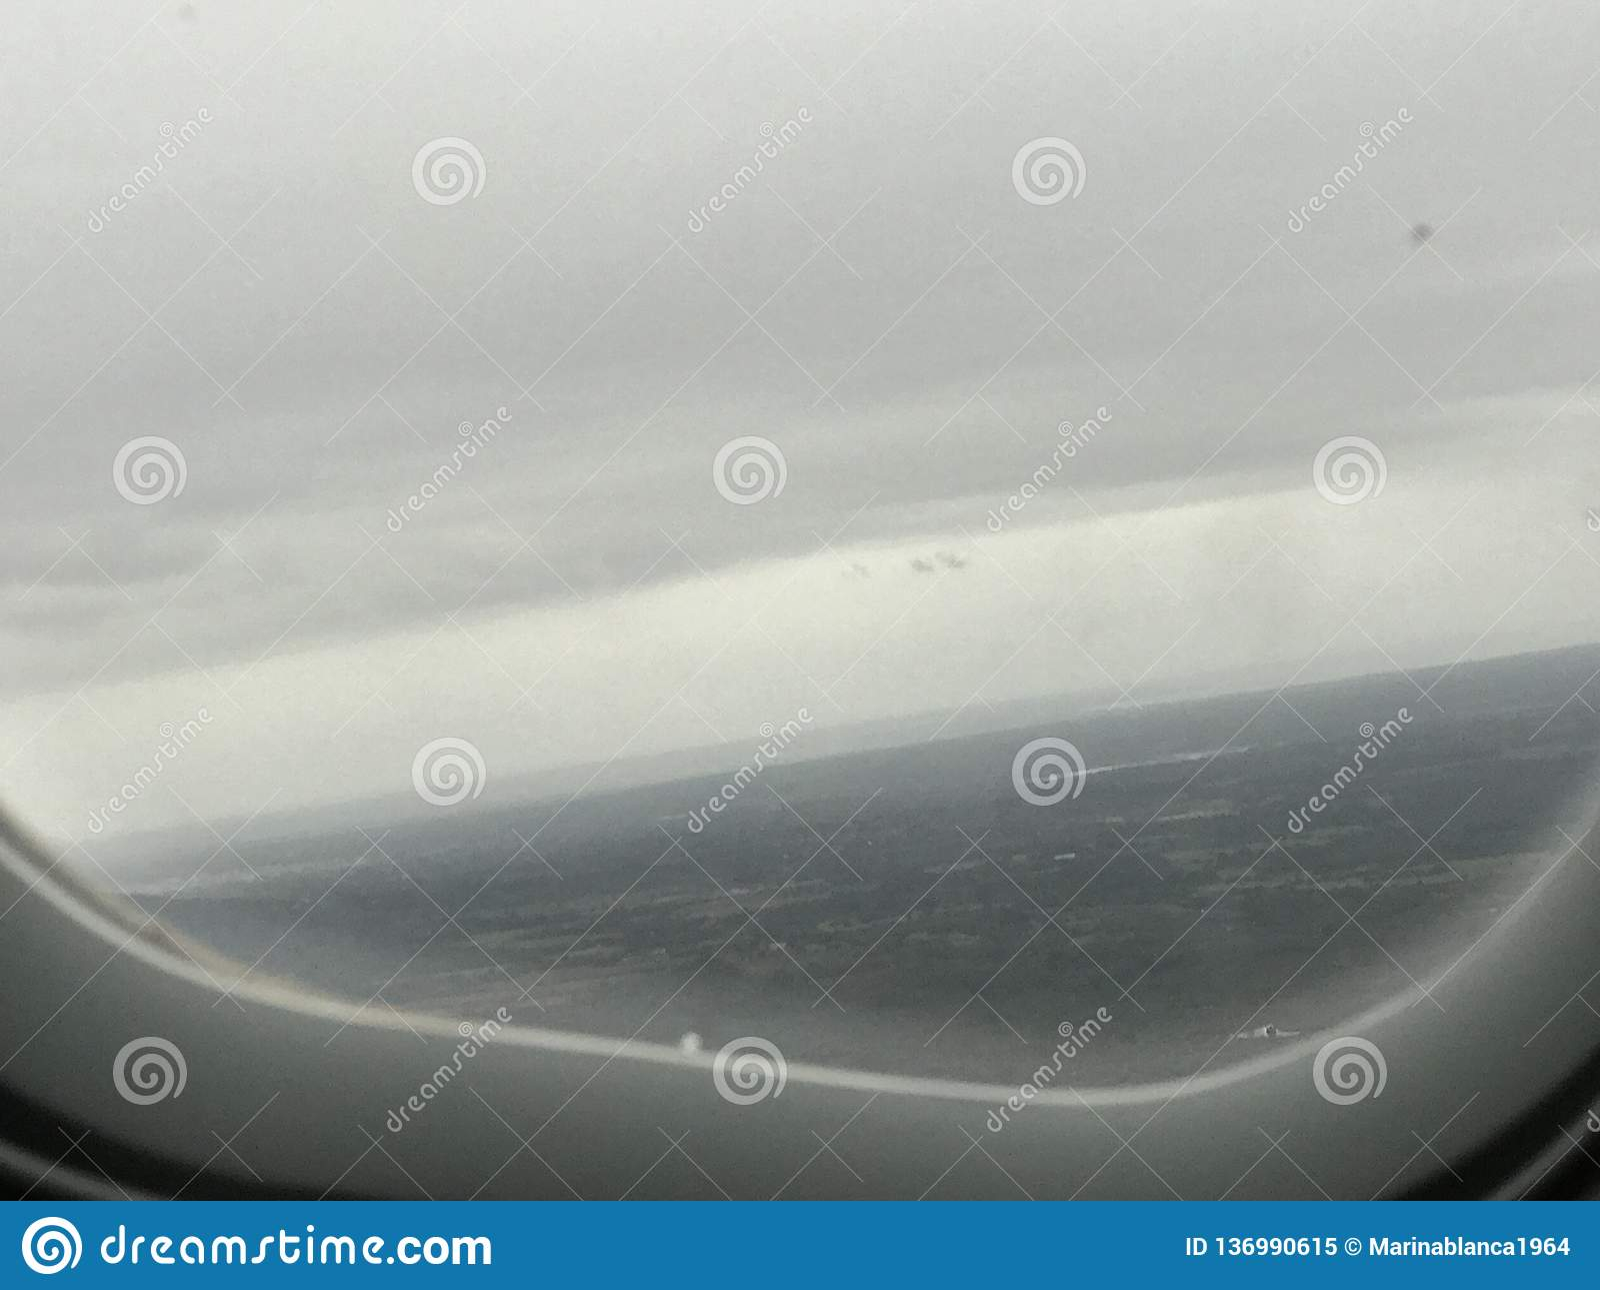 这是飞机和窗口